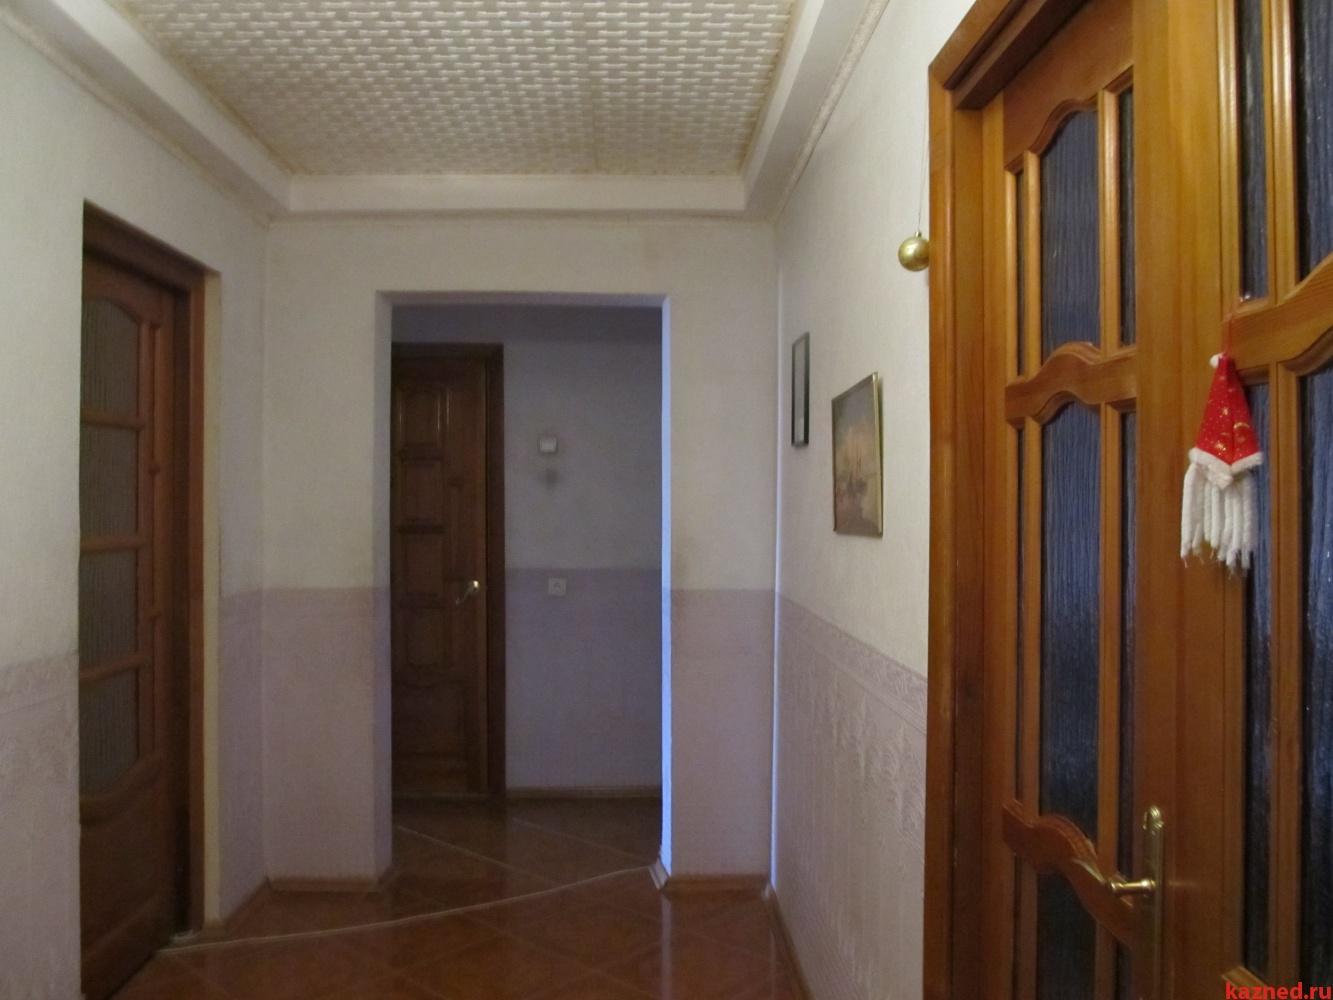 Продажа 3-к квартиры Амирхана, 5, 93 м² (миниатюра №9)